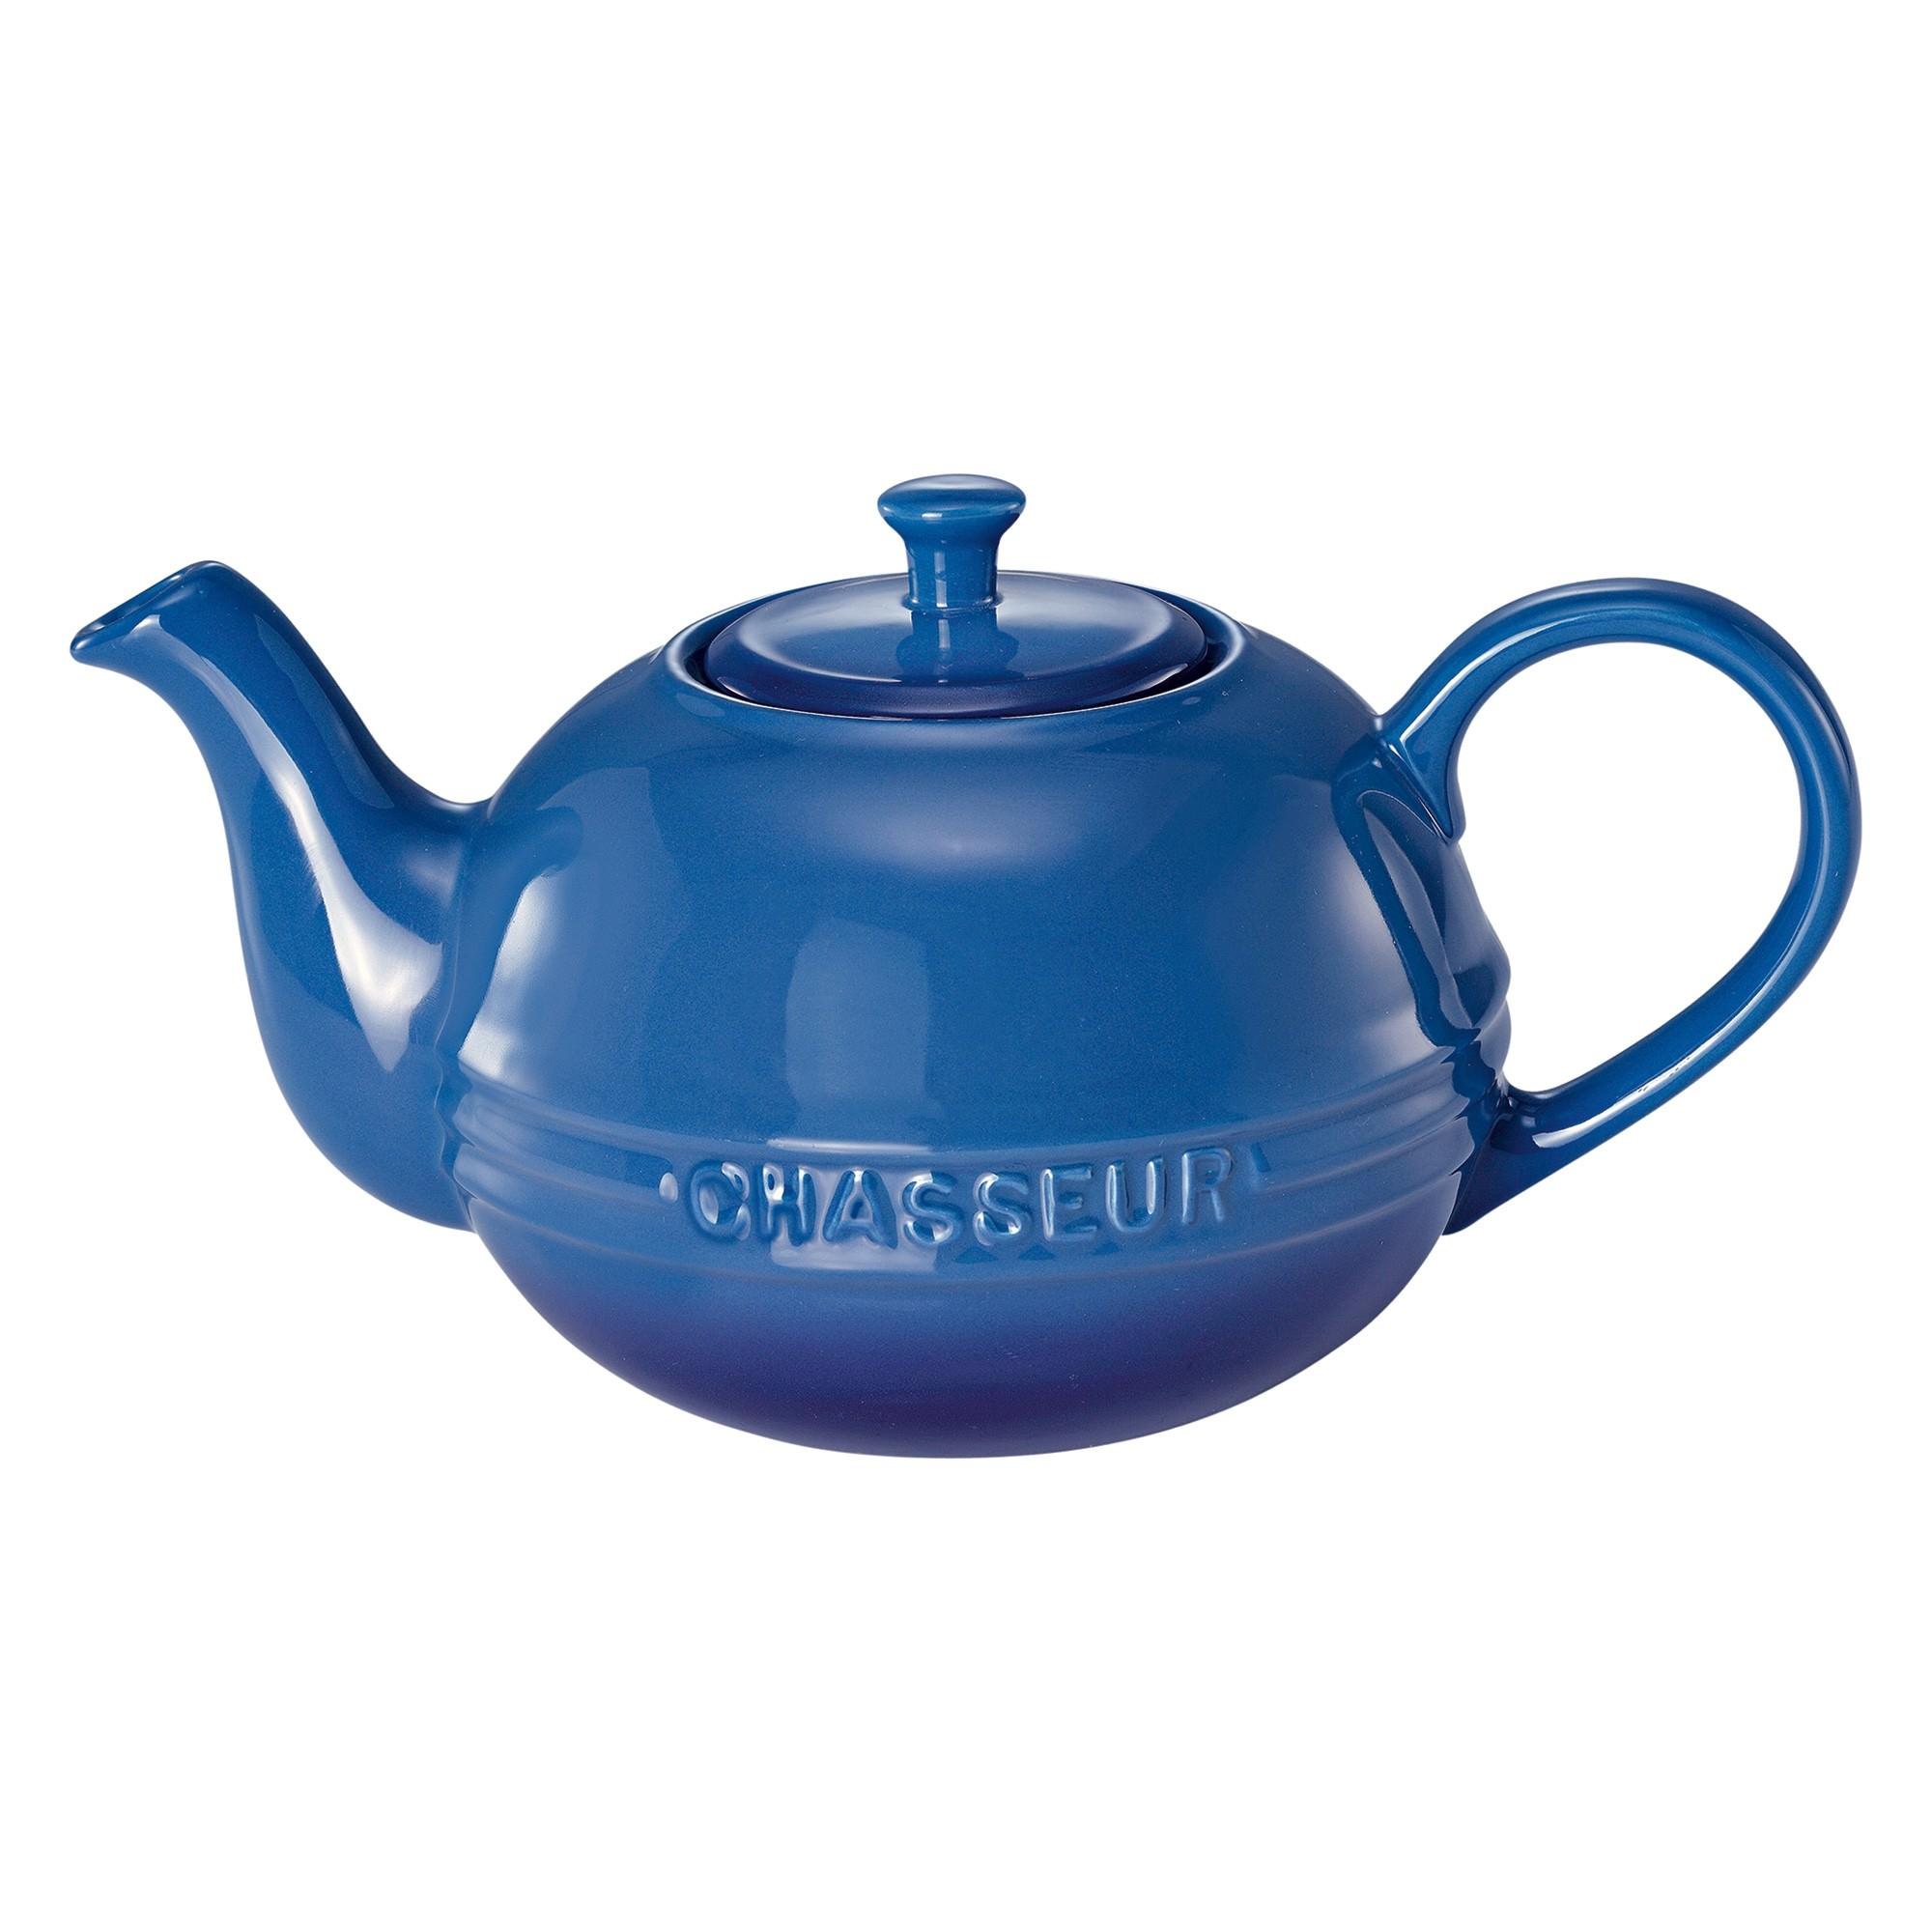 Chasseur La Cuisson Teapot - Blue